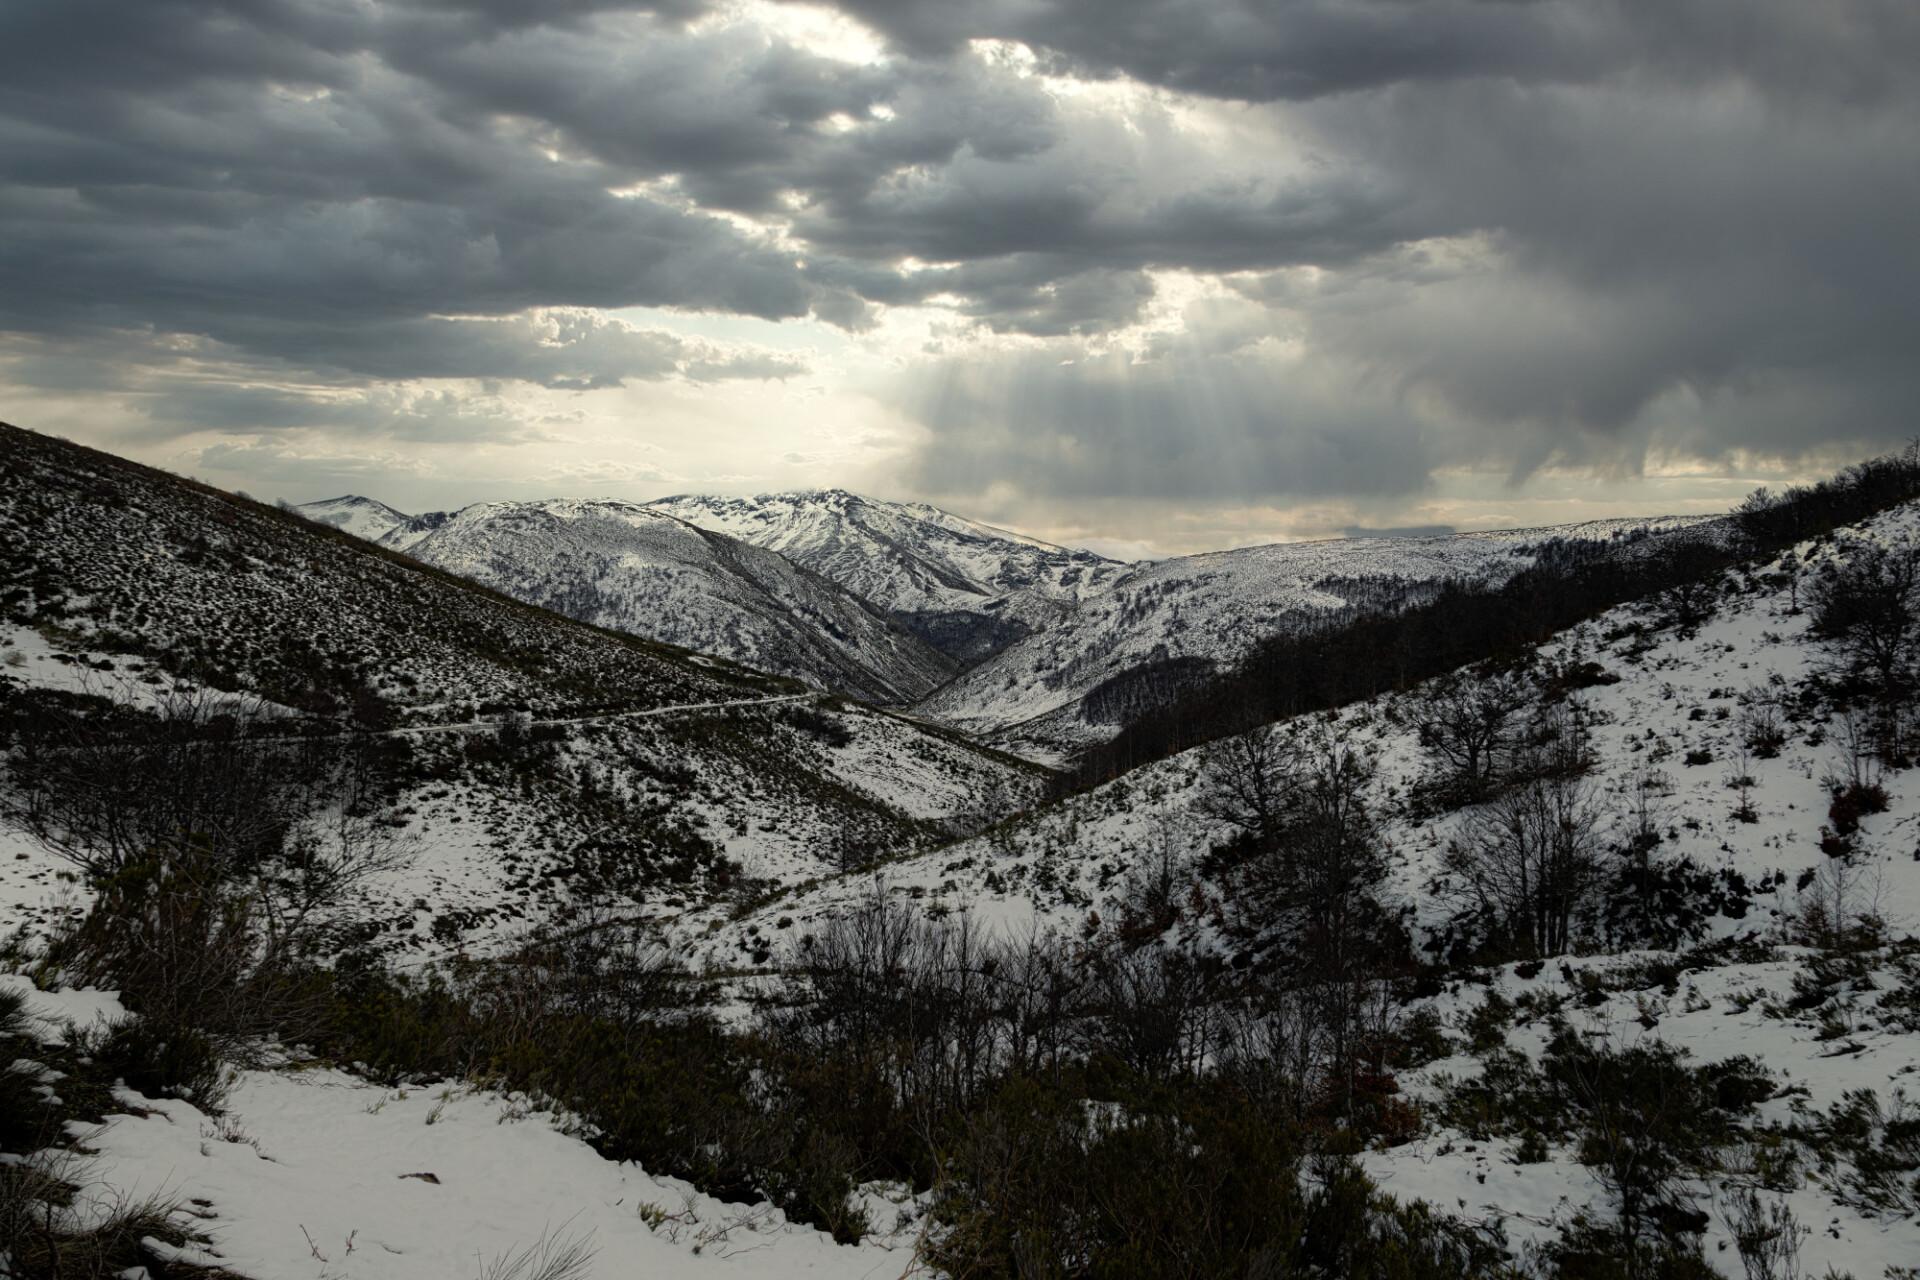 Posada de Valdeón Mountain Landscape